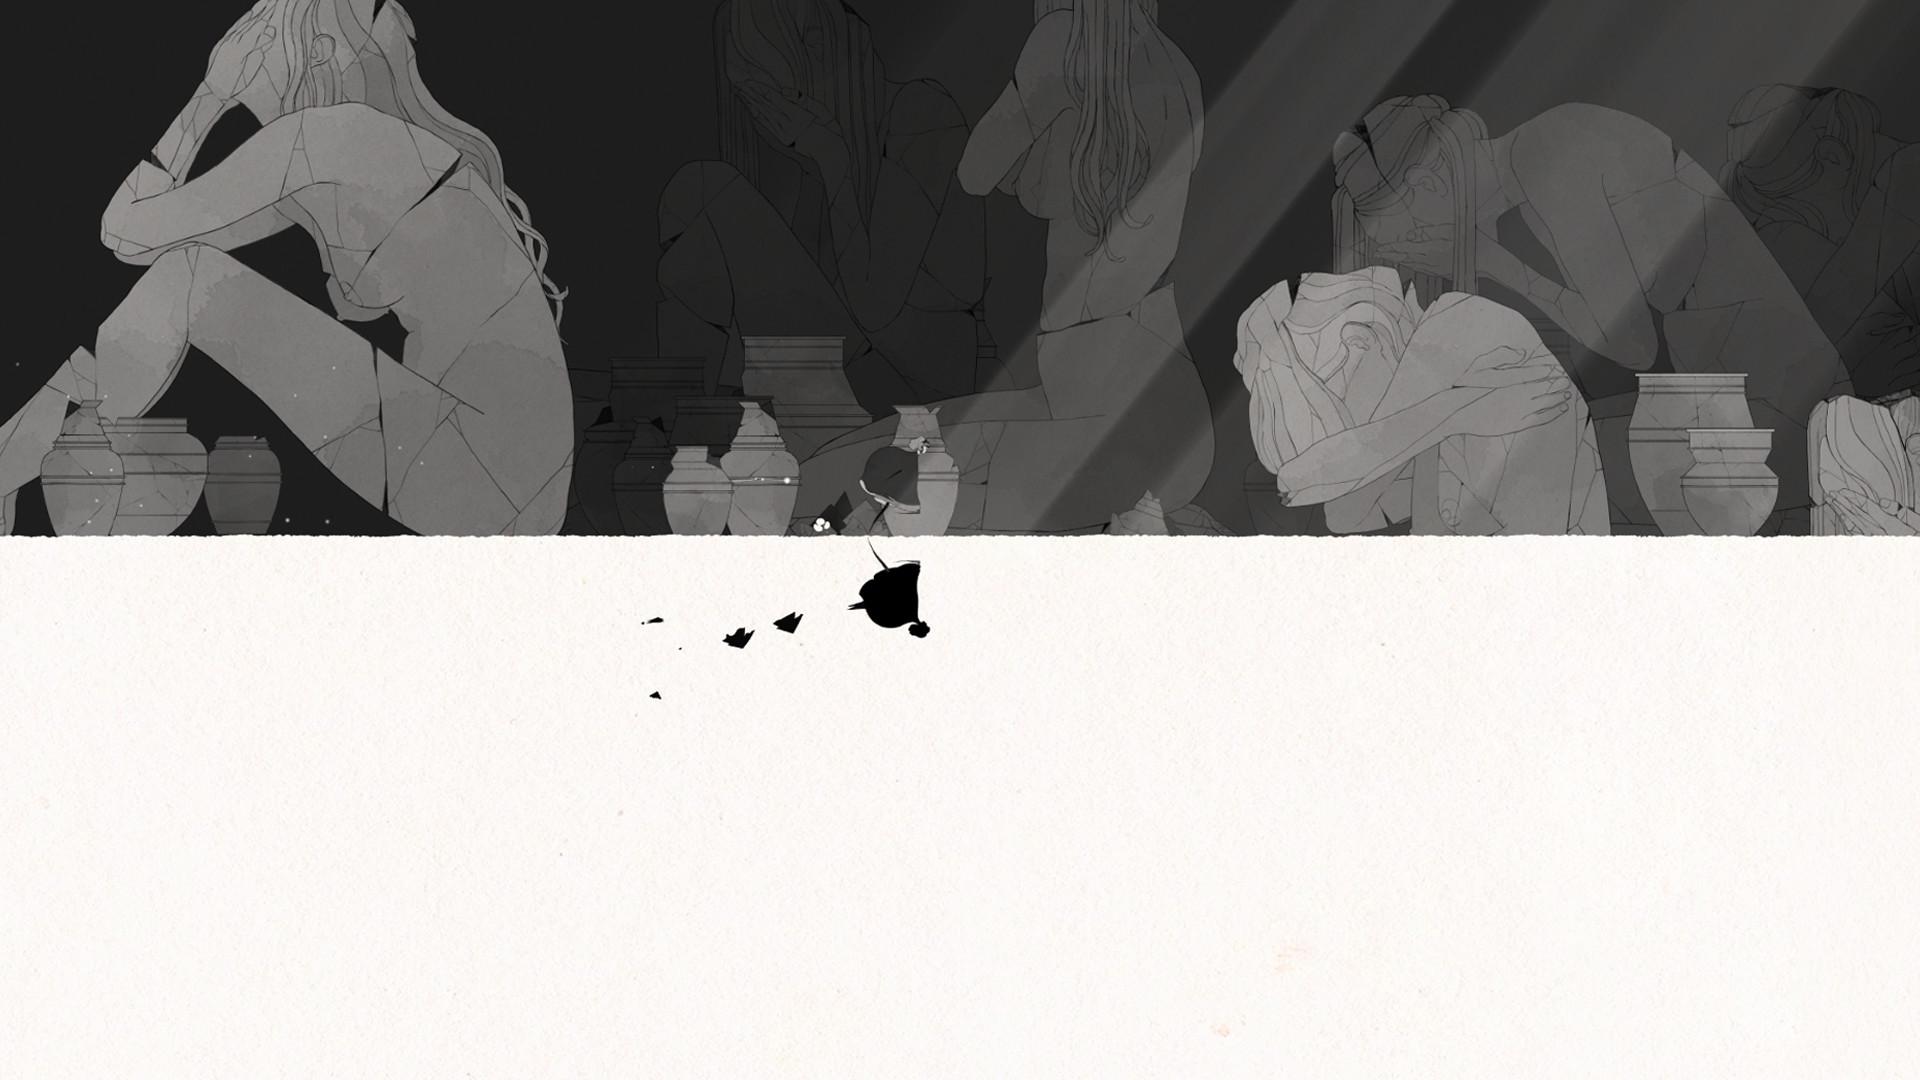 唯美风横版冒险《Gris》8月22日登陆iOS平台图片6